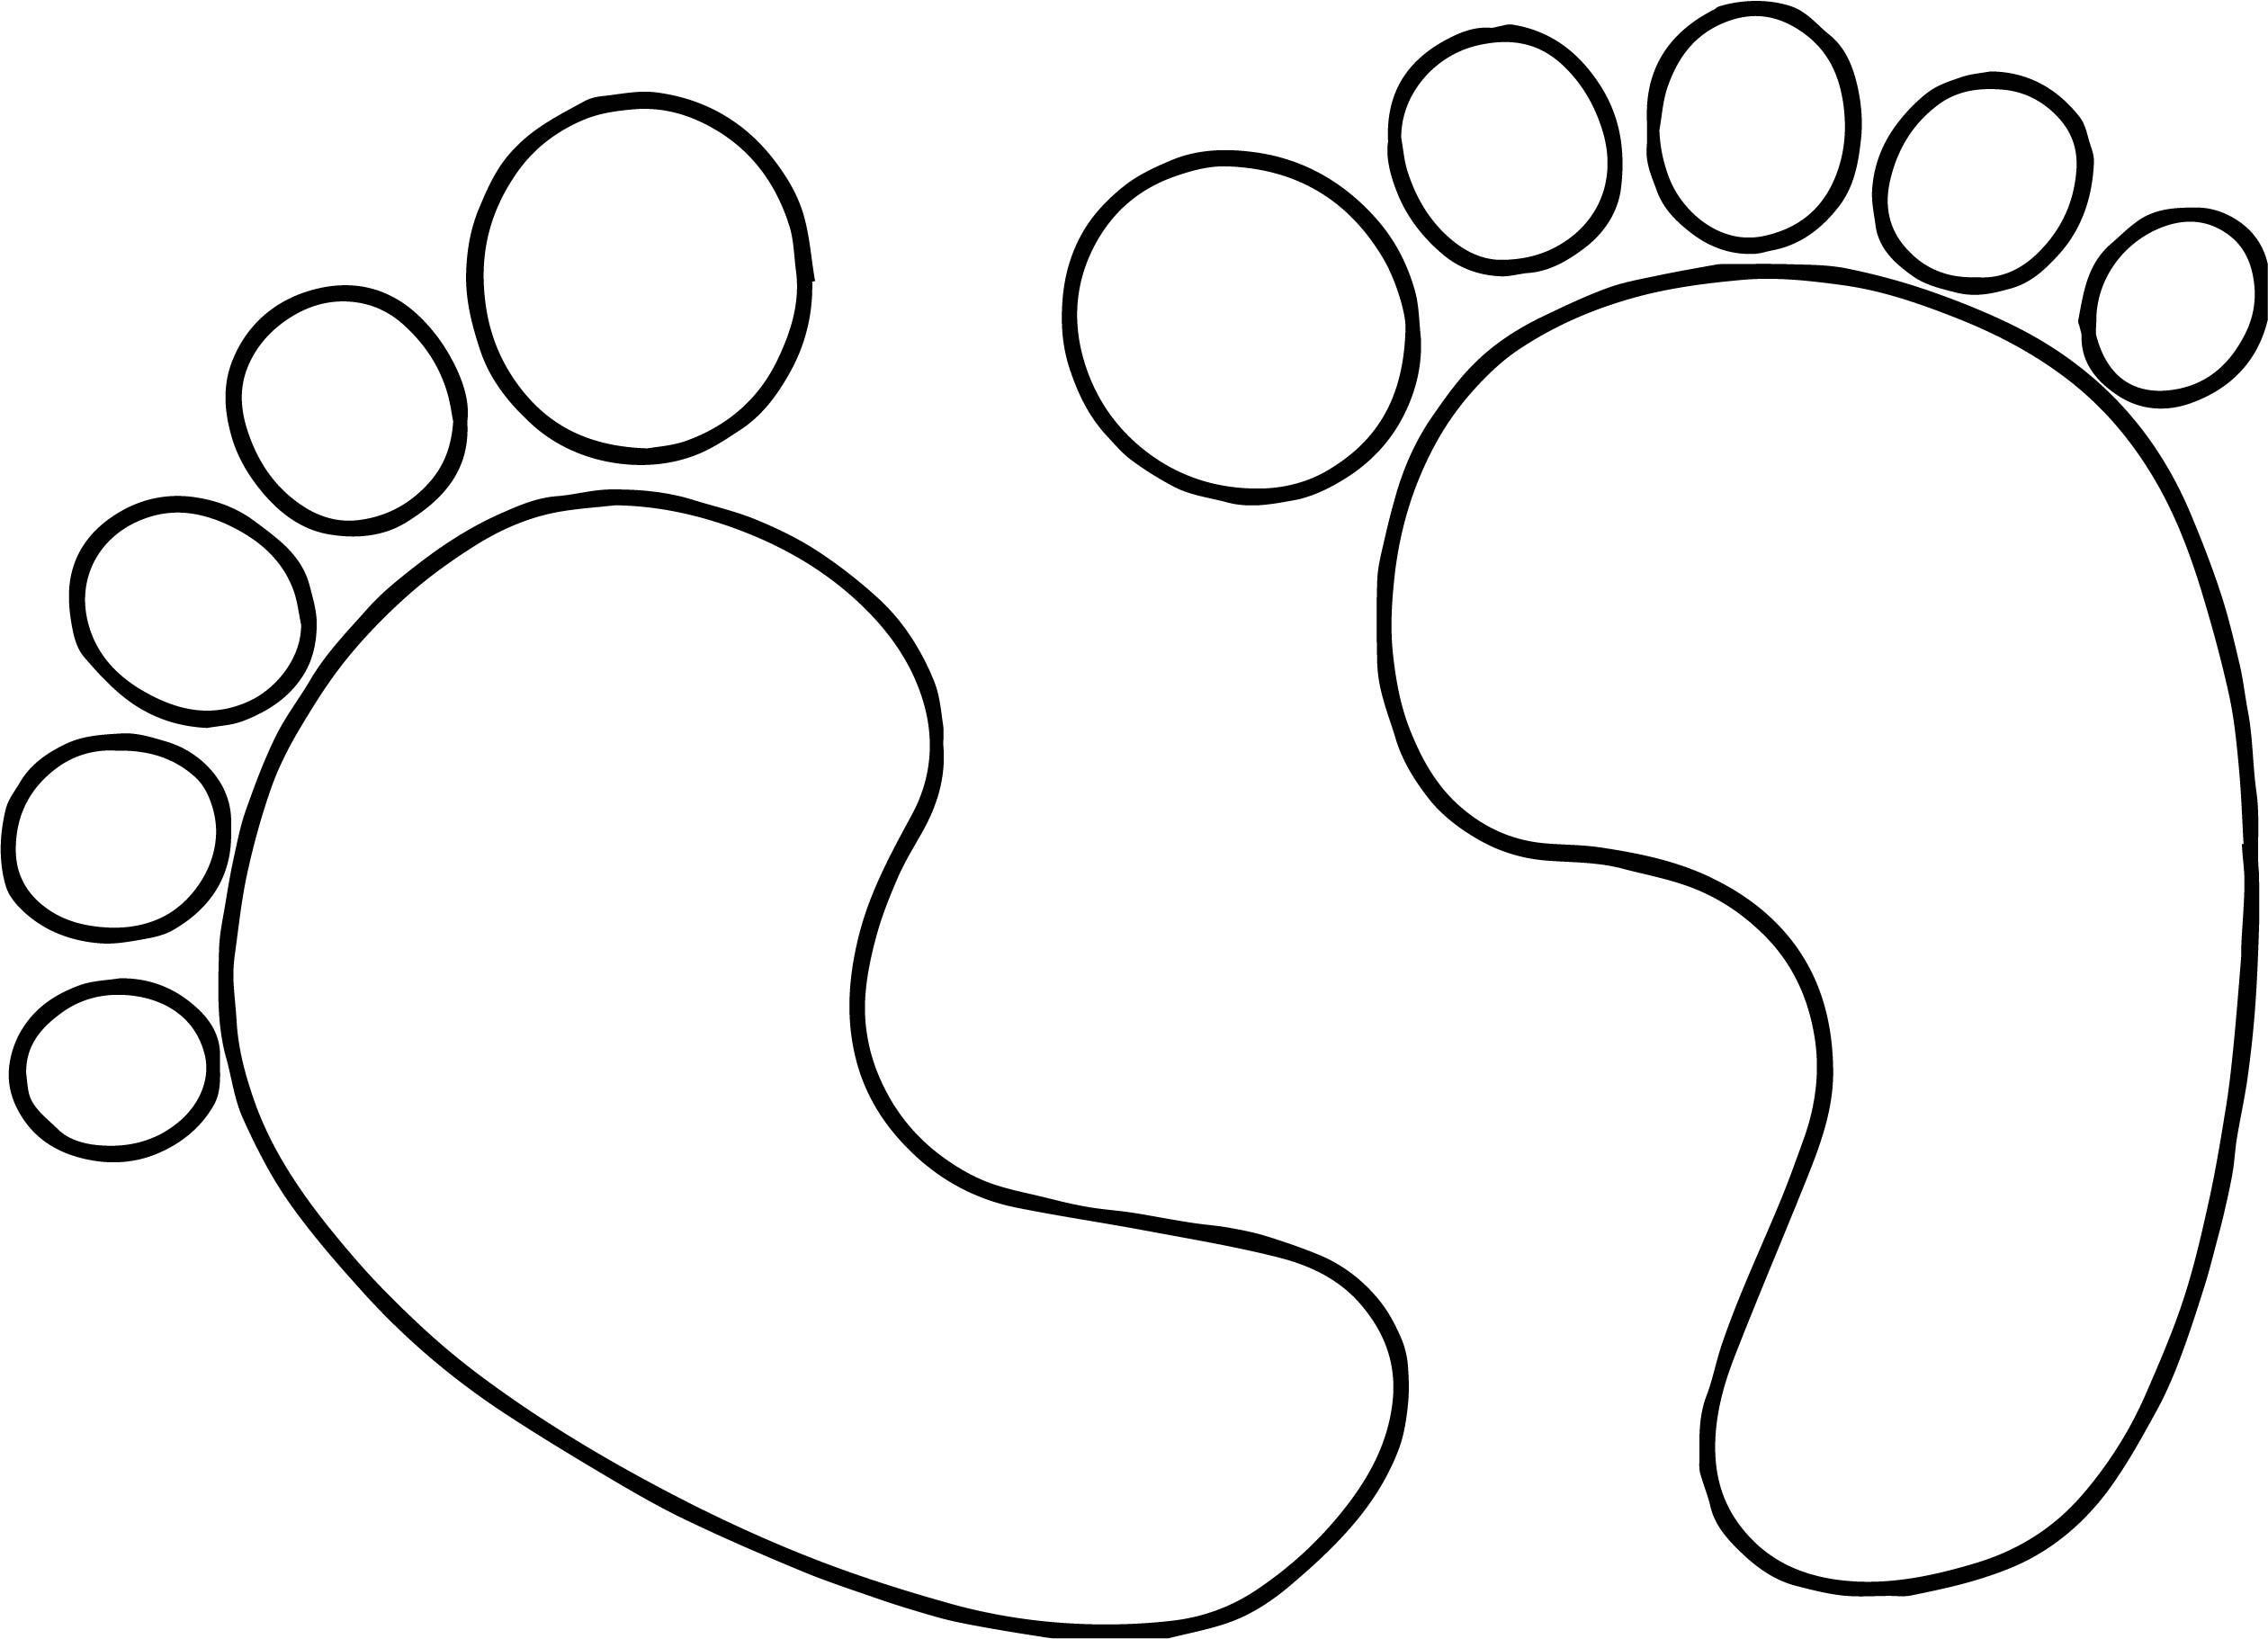 Baby Footprint Drawing At Getdrawings